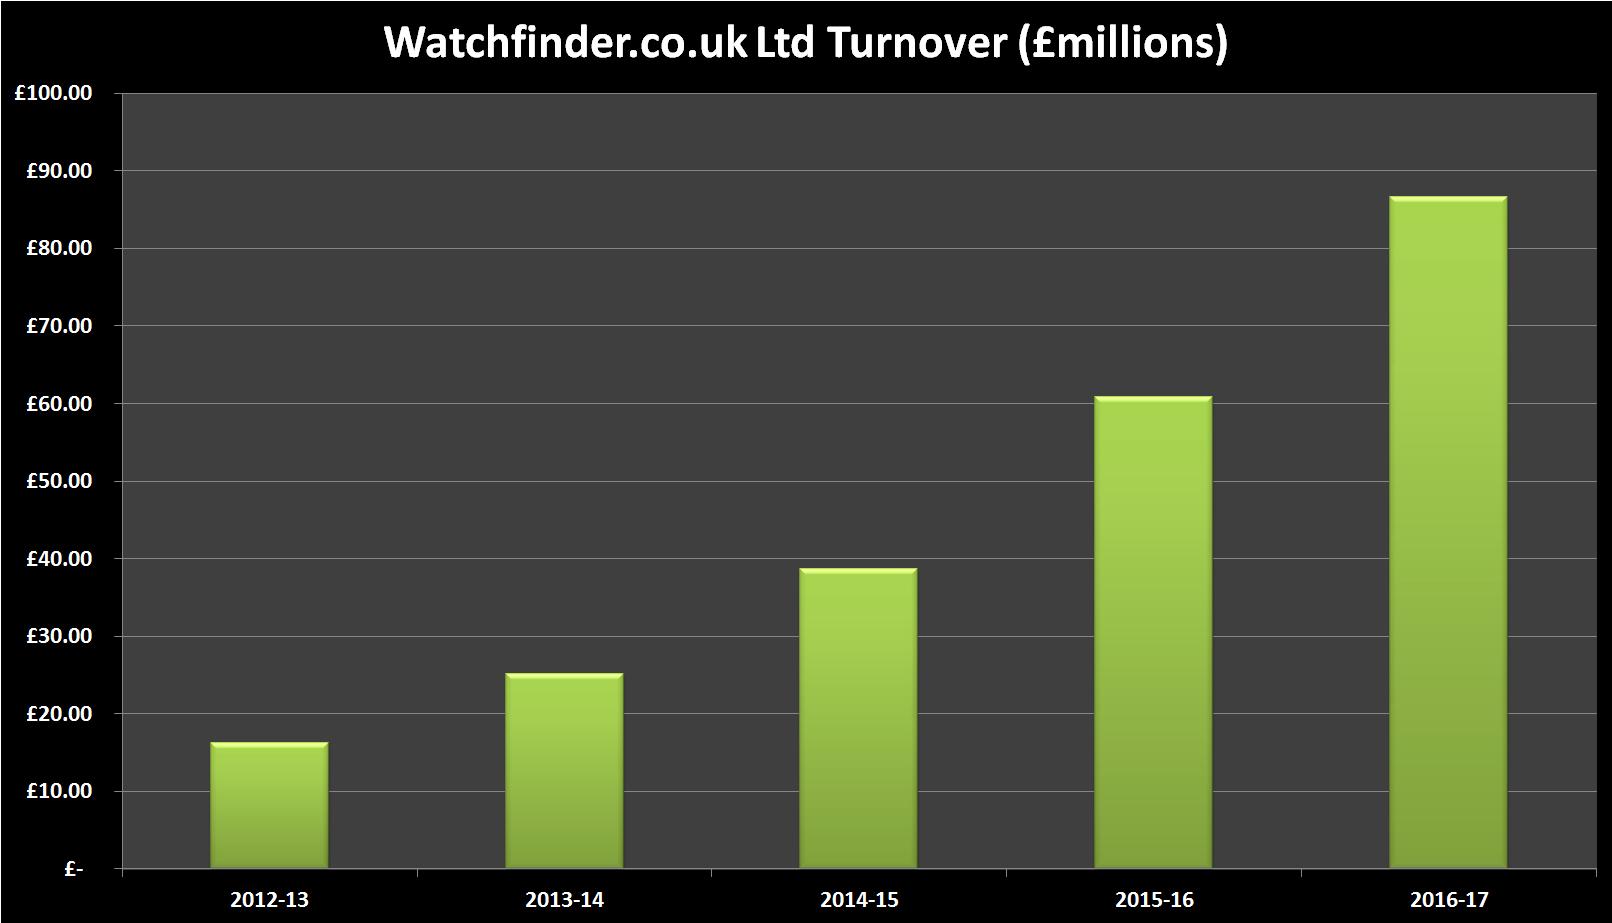 watchfinder turnover